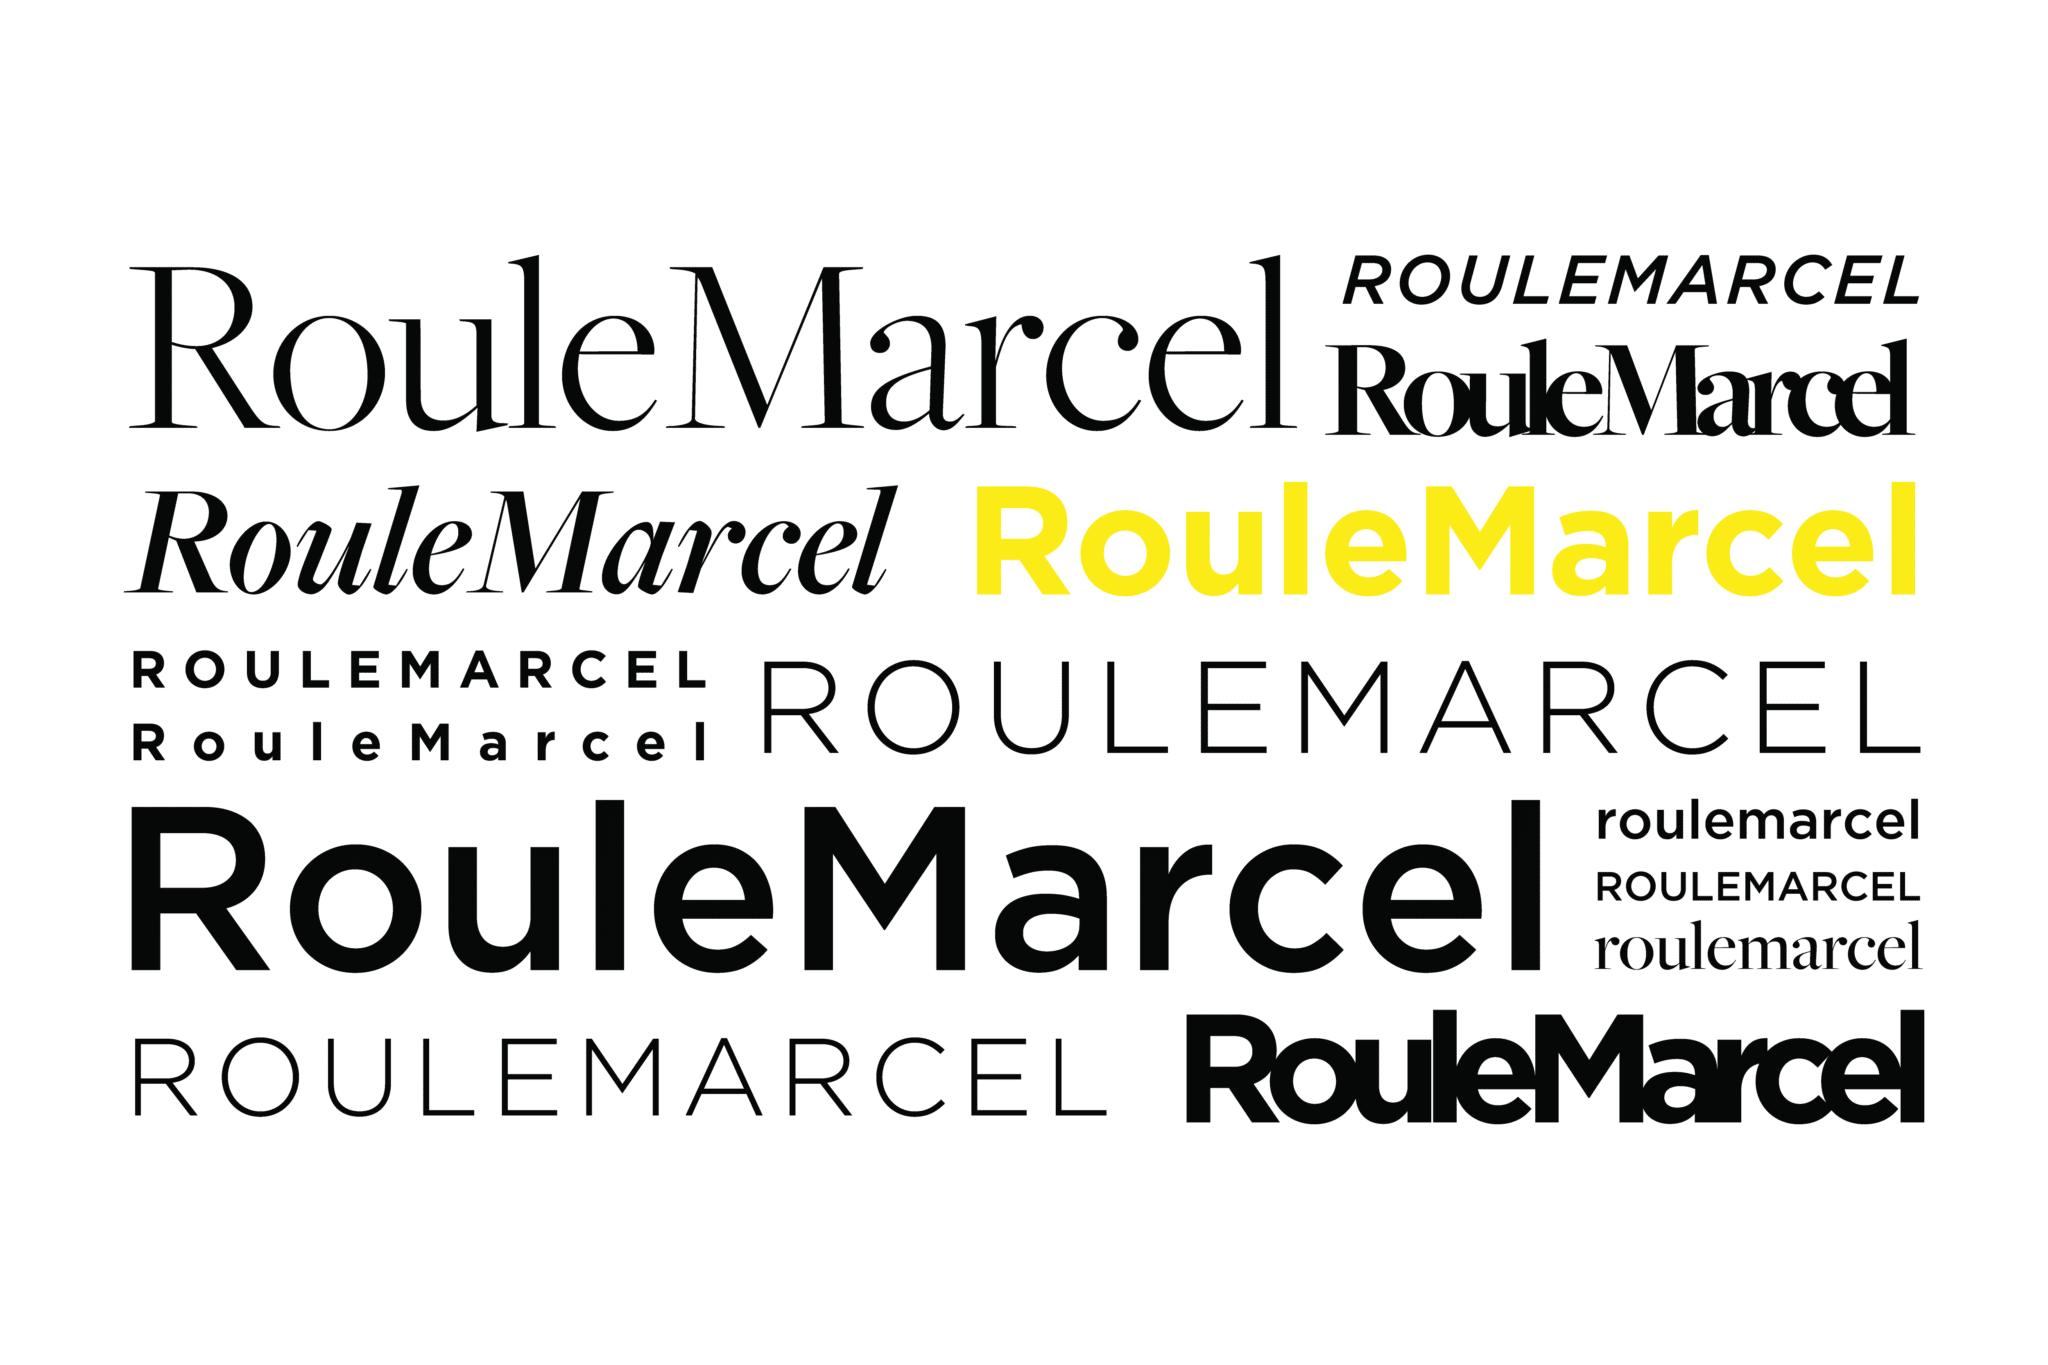 Les différents styles de typographie.